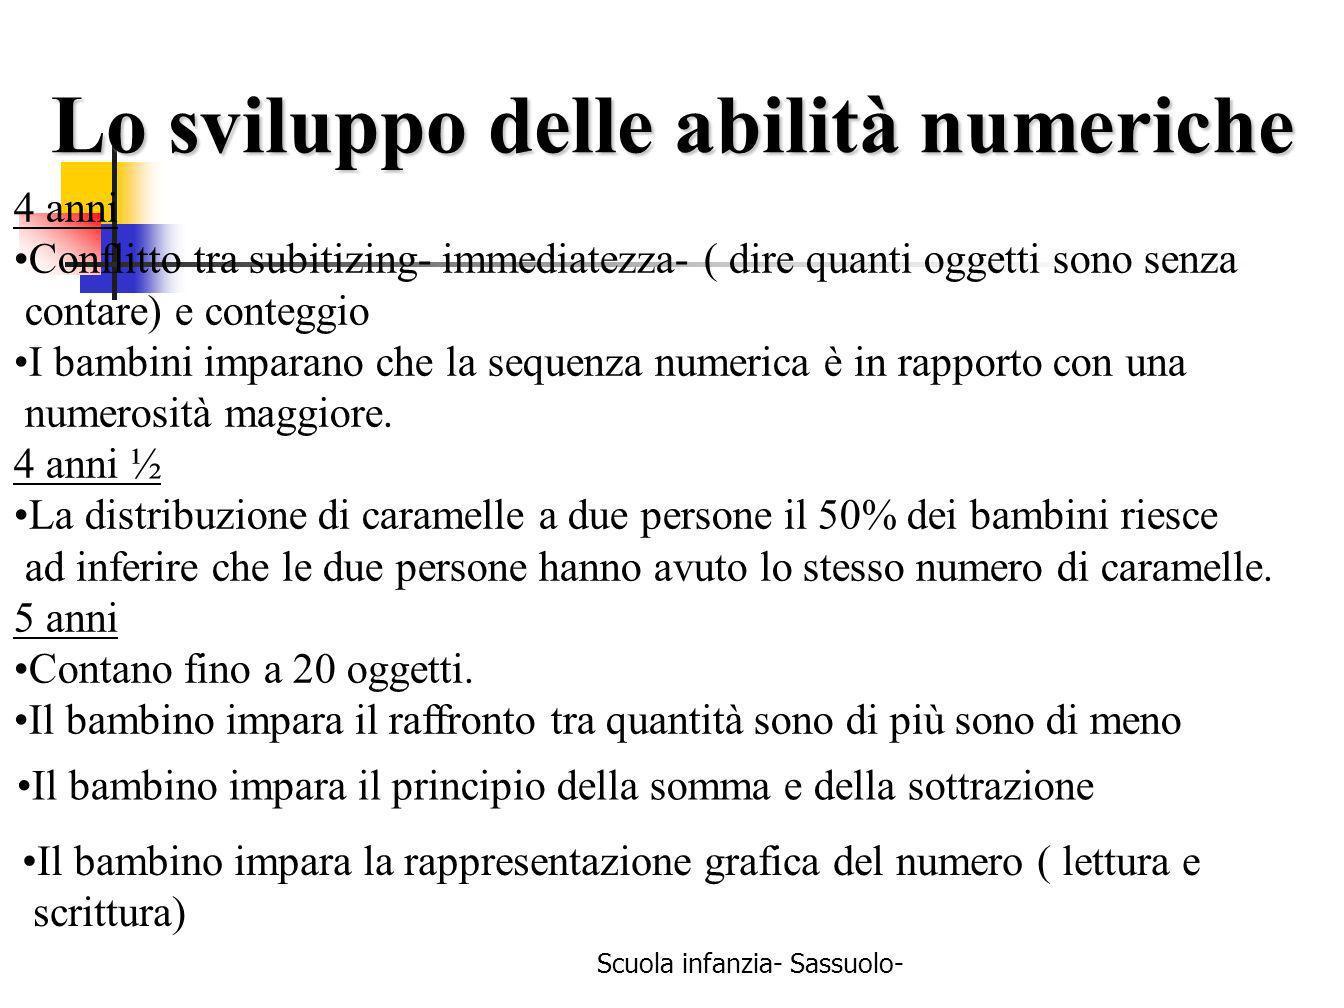 Scuola infanzia- Sassuolo- Lo sviluppo delle abilità numeriche 4 anni Conflitto tra subitizing- immediatezza- ( dire quanti oggetti sono senza contare